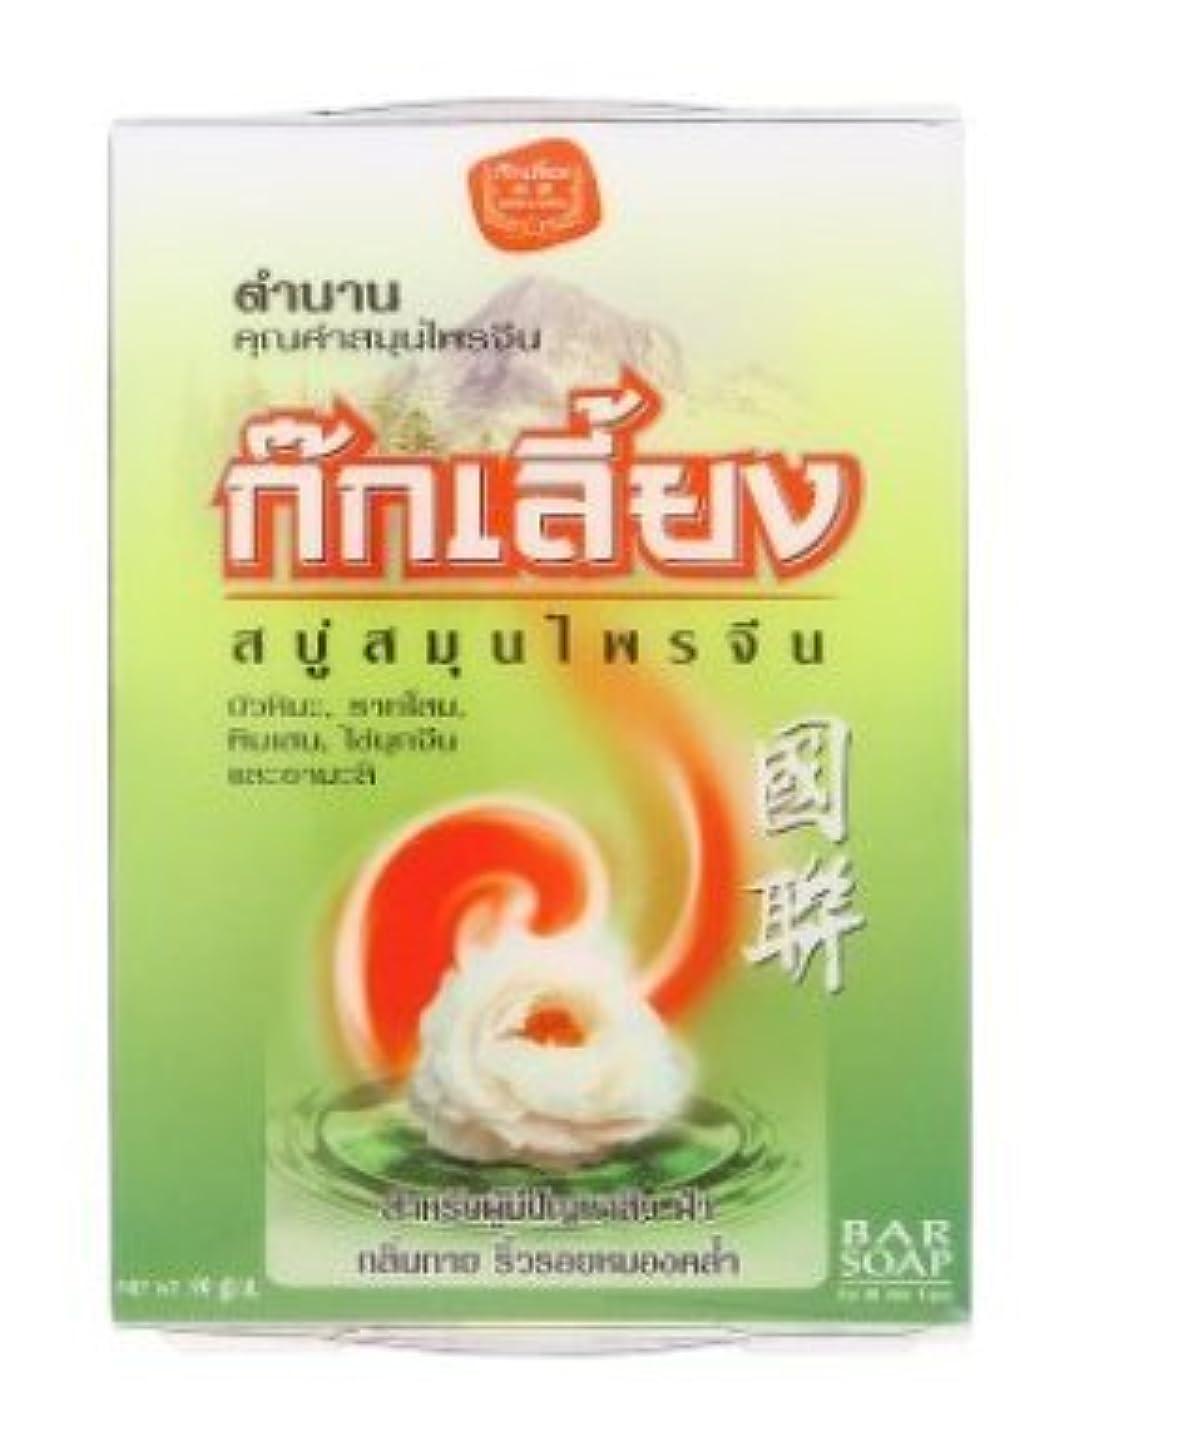 はっきりとクライアント守銭奴Asian Mall 中国語 ハーブソープ 顔と体のため ( 90g x 2pcs ) / Chinese Herbal Bar Soap for Face and Body Kok Liang